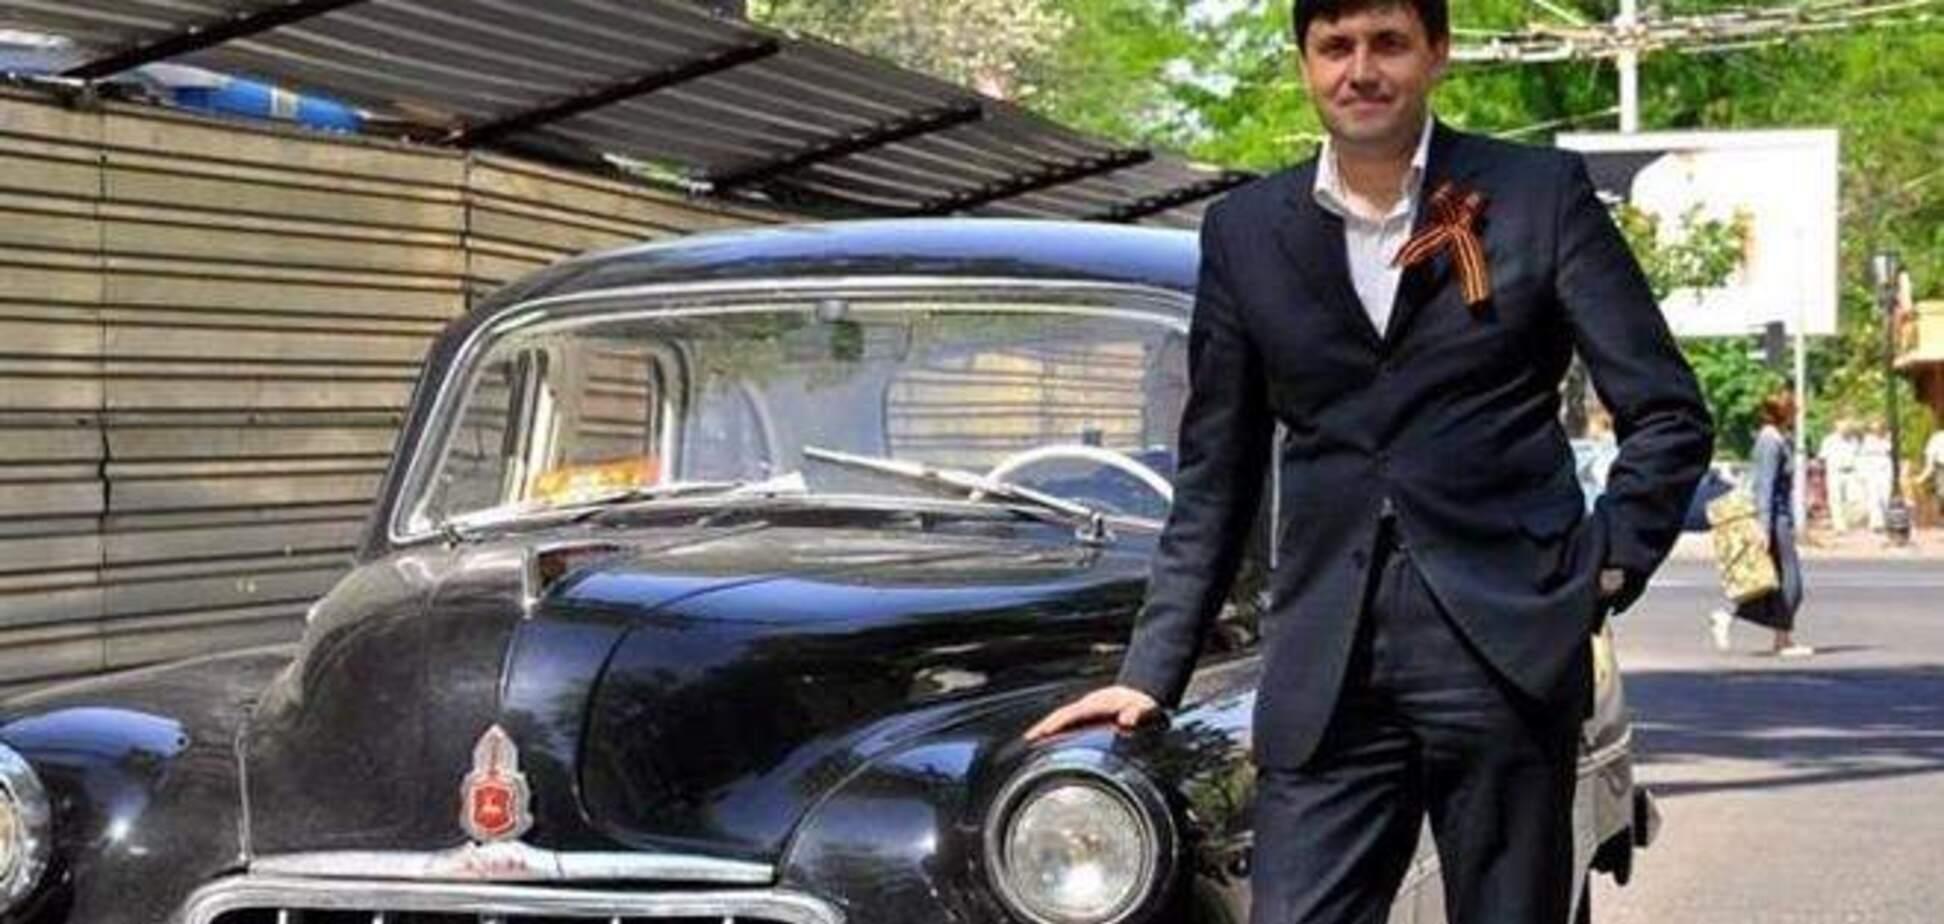 Экс-депутат Царьков ездит по Одессе с автоматом